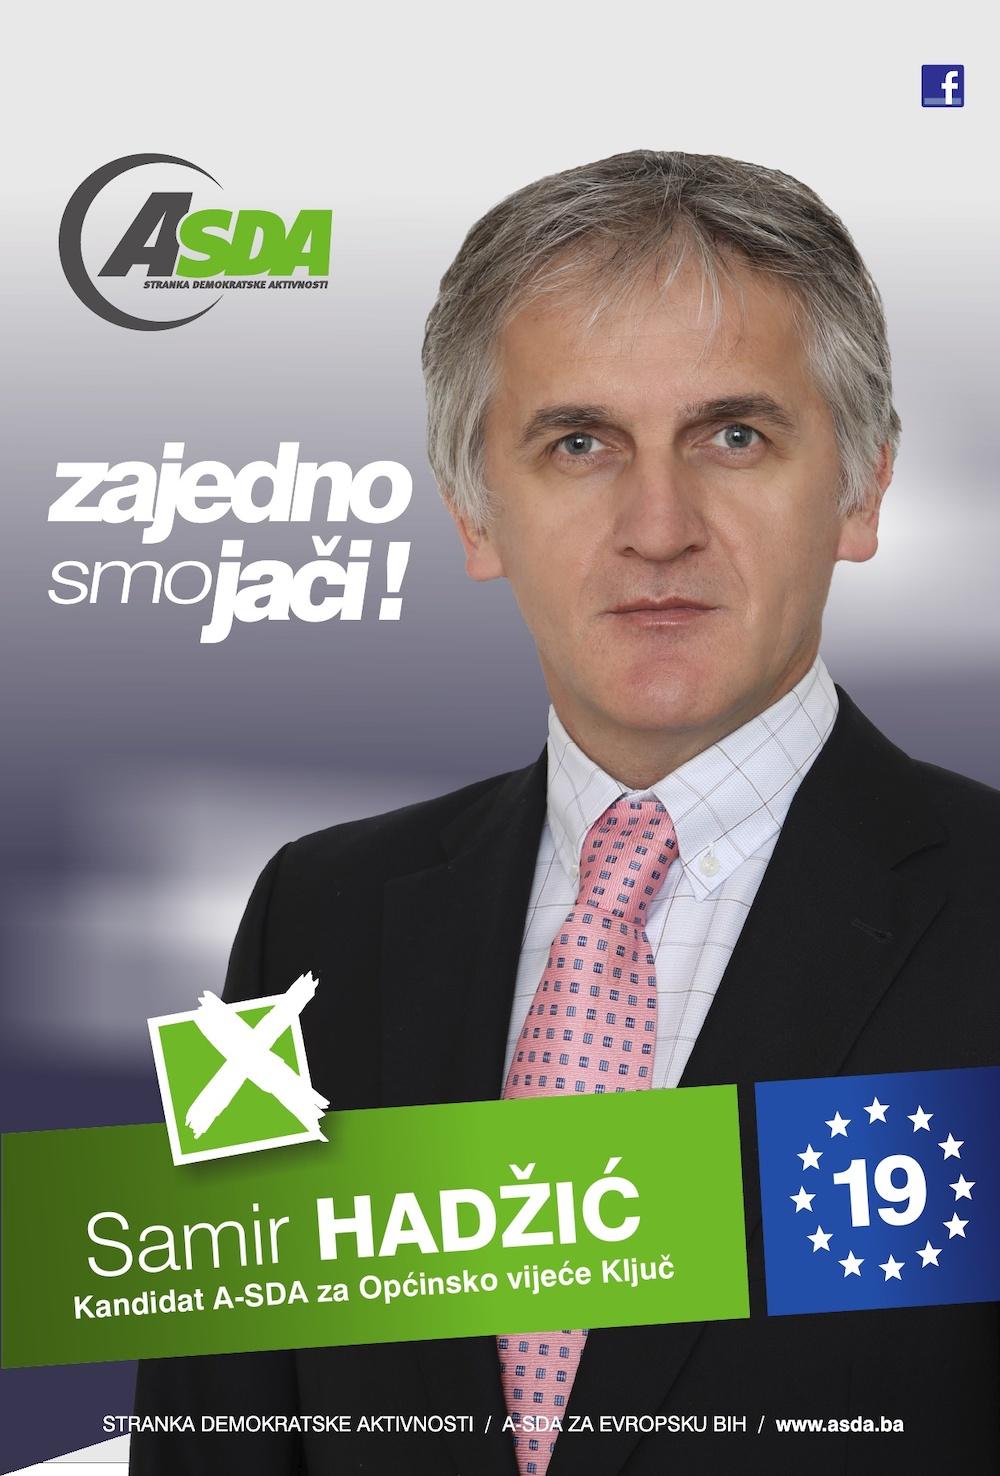 Rođen 15.05.1970. godine u Ključu. Po zanimanju je diplomirani ekonomista. Radno iskustvo sticao kao dugogodišnji privatni poduzetnik. Bio je pripadnik Armije Republike Bosne i Hercegovine od 1992. do 1995. godine. […]